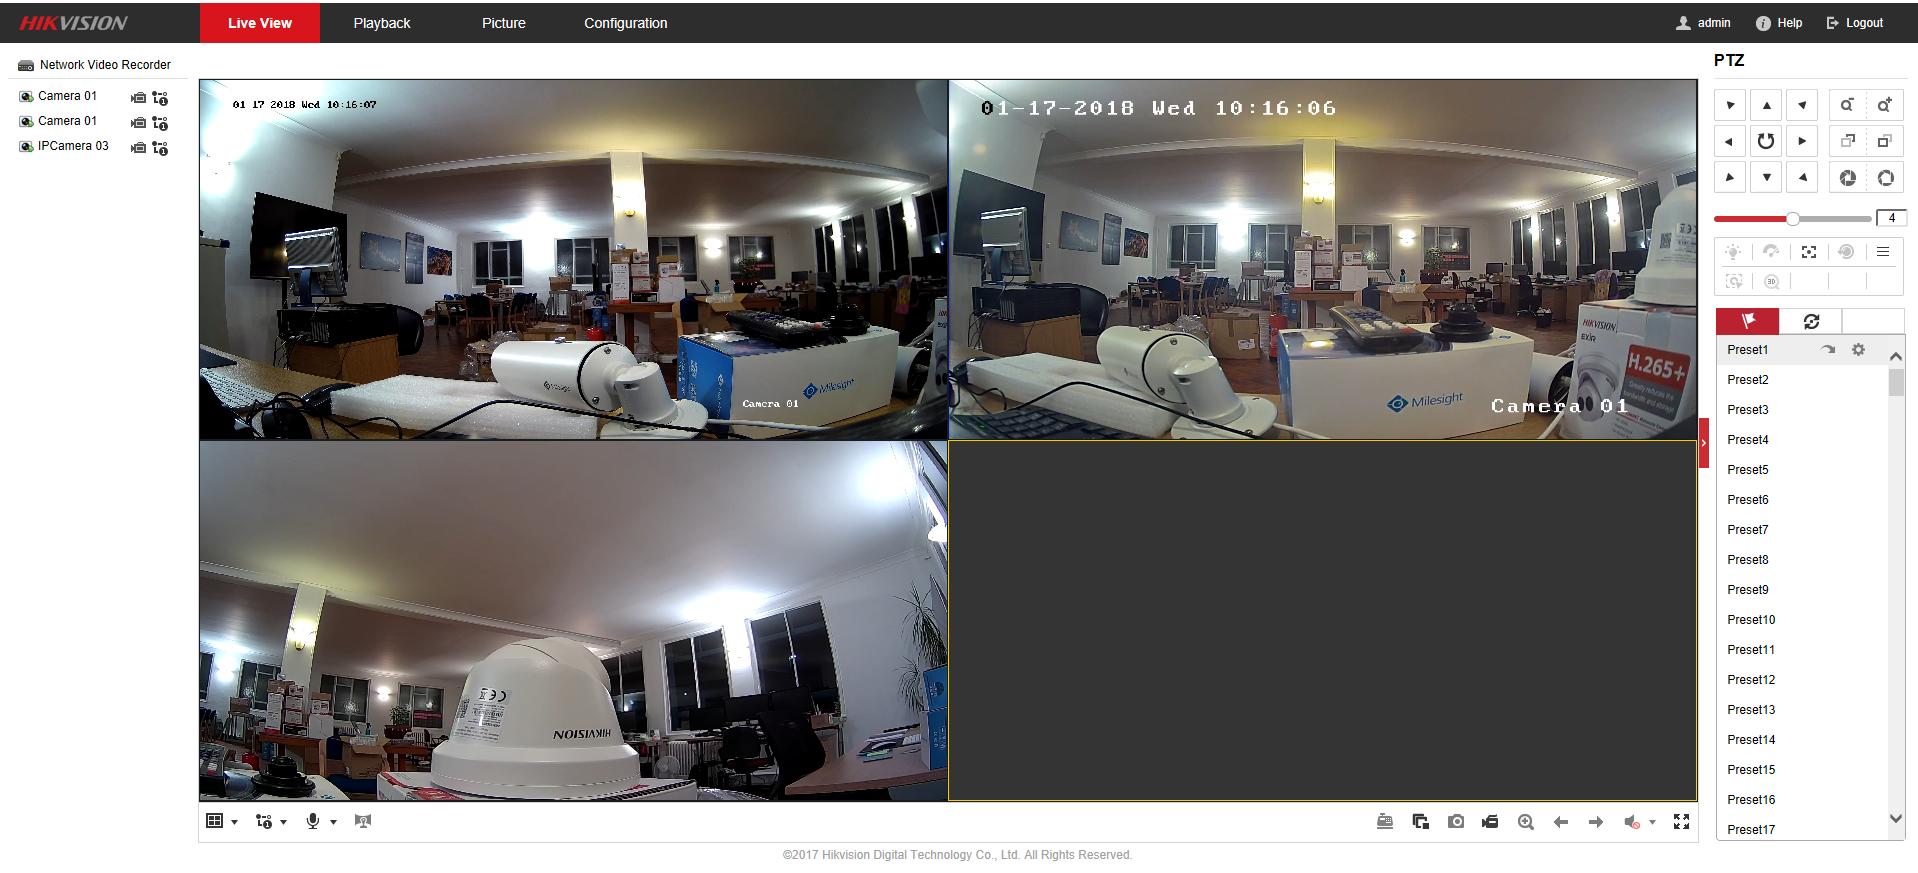 how to use samsung camera as webcam